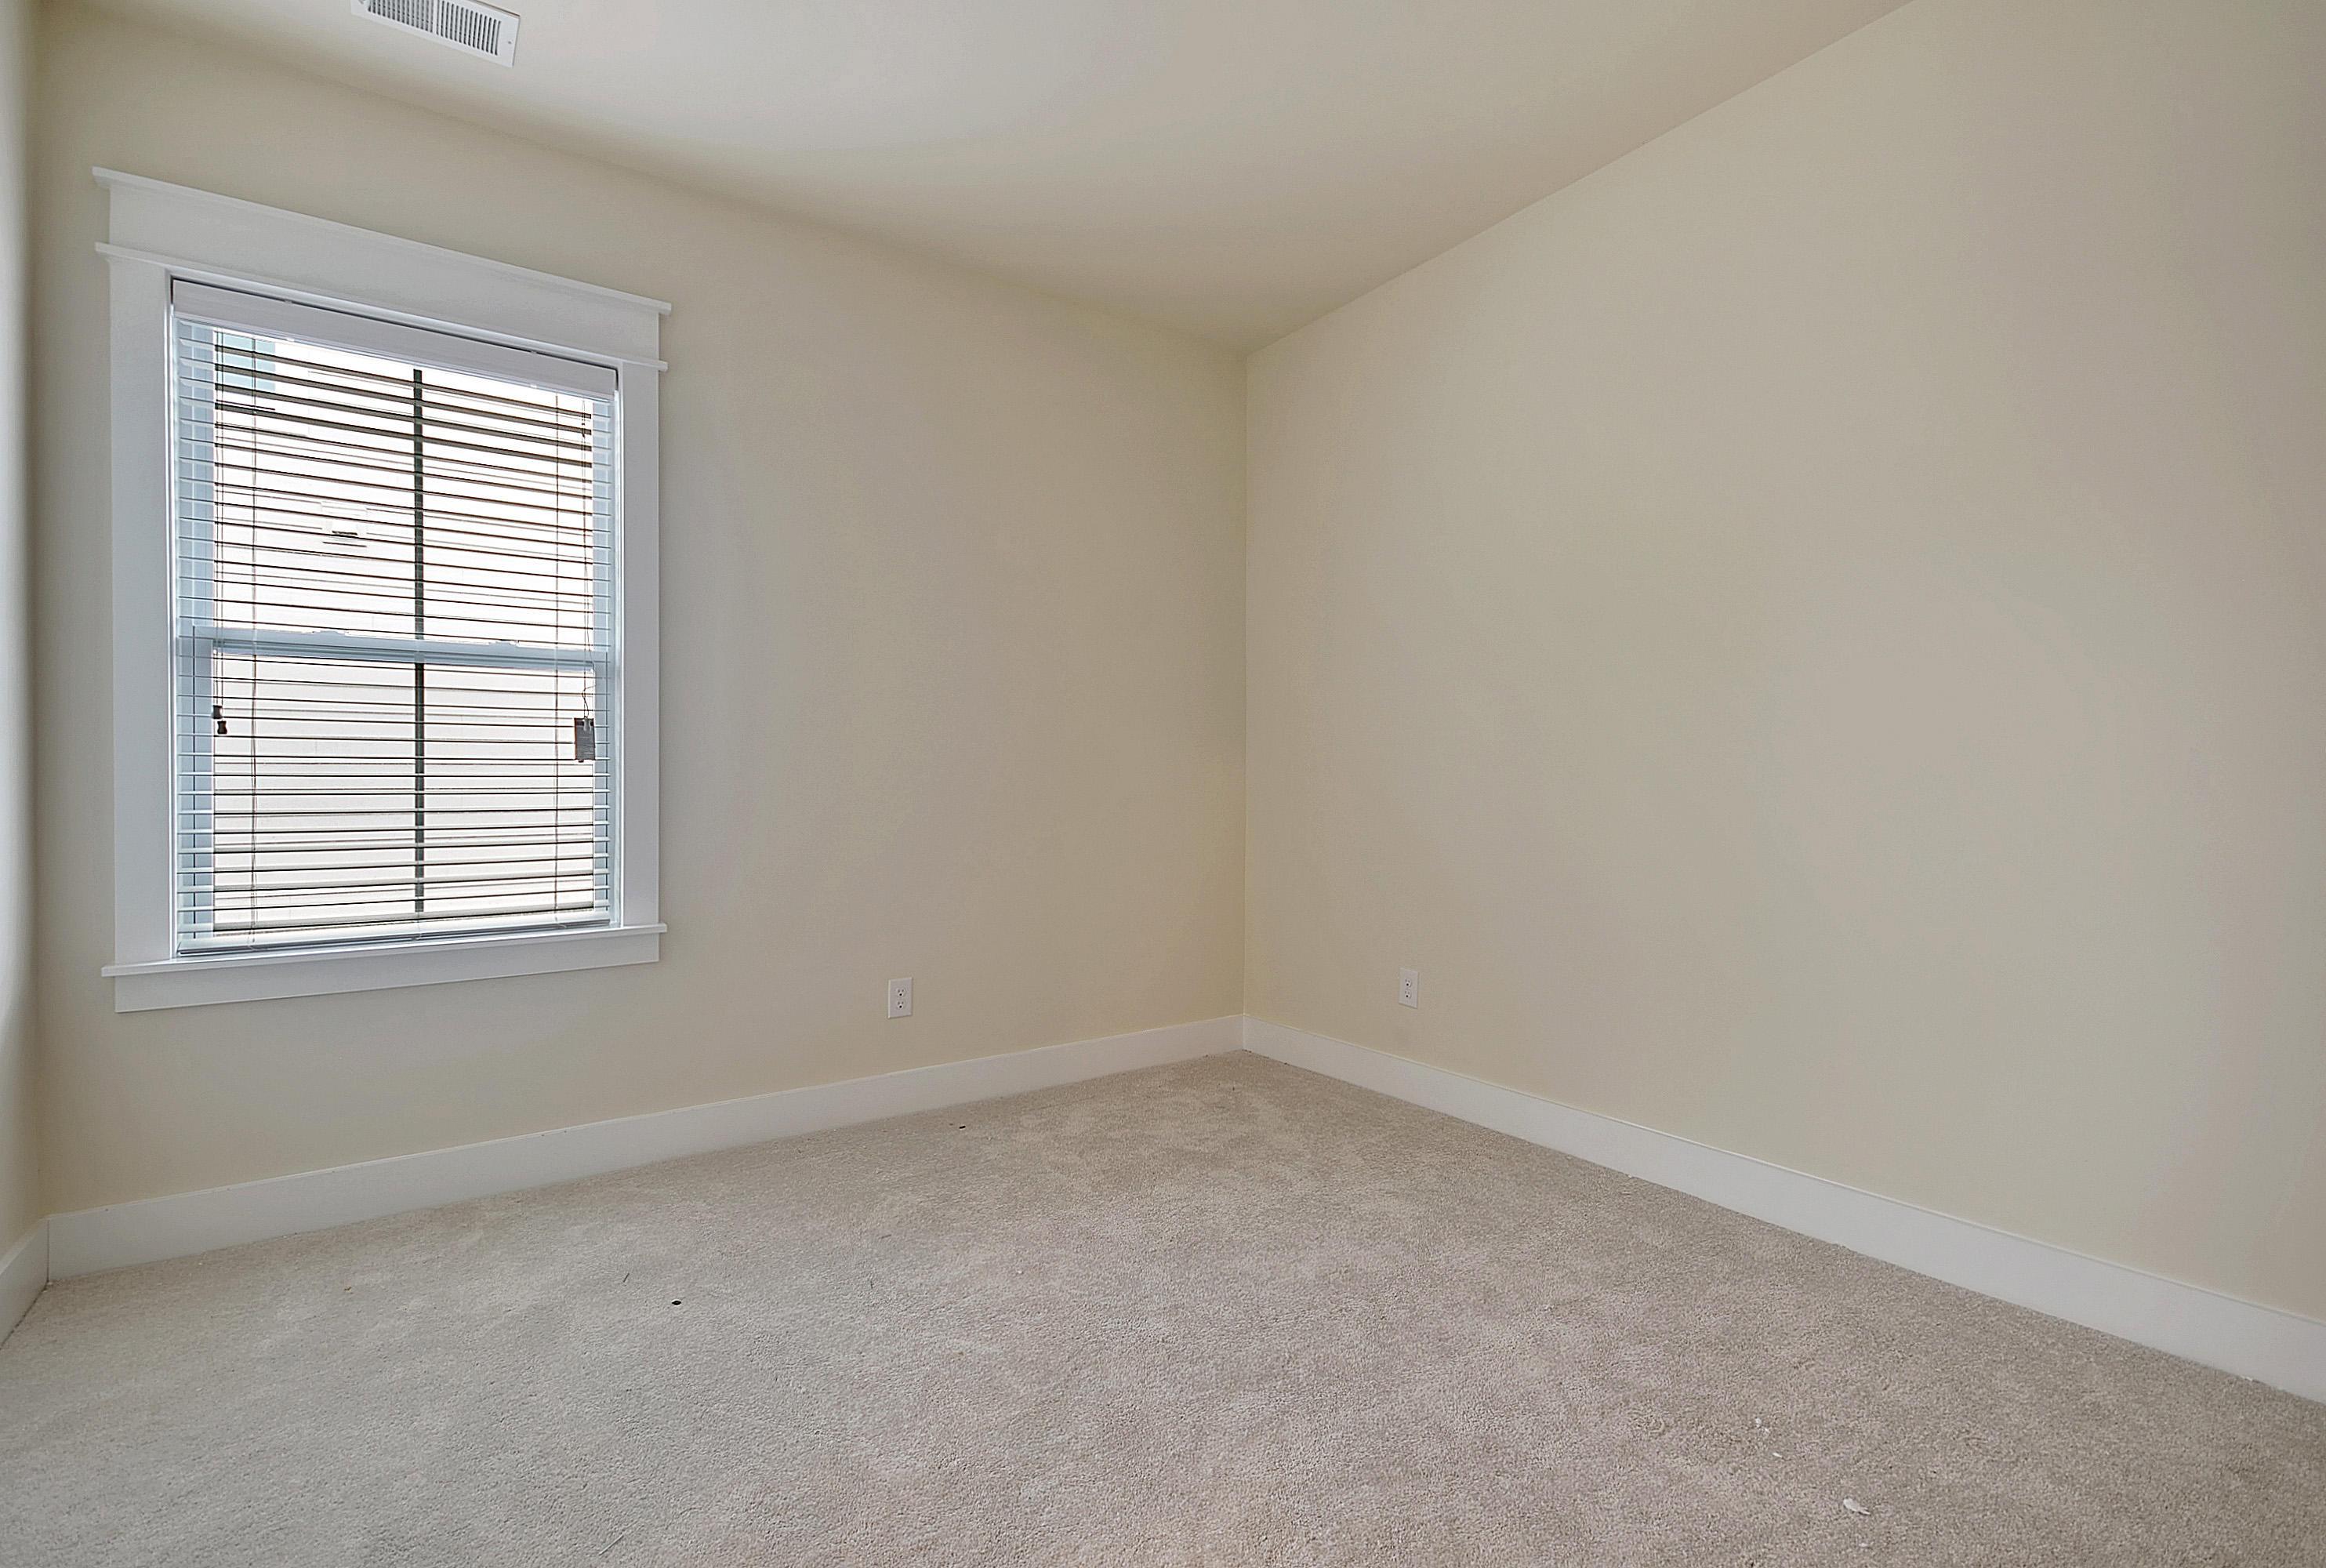 Park West Homes For Sale - 3048 Caspian, Mount Pleasant, SC - 16